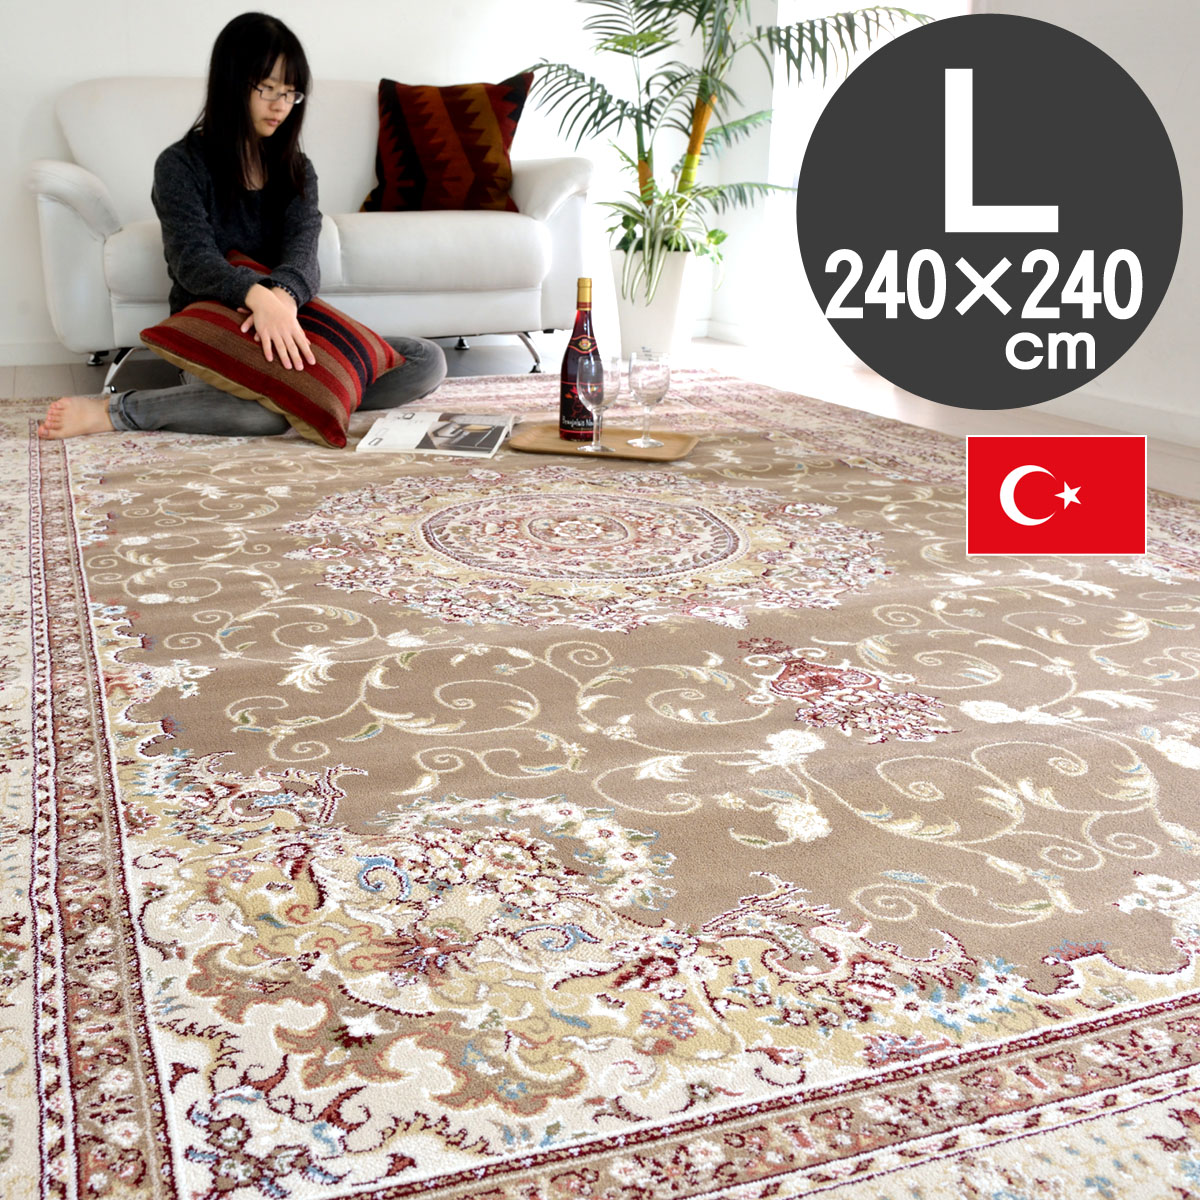 ヨーロピアンラグ トルコ製 クラシックデザイン240×240 約4.5畳イスフアハン6251(ロゼリアT8748) ブラウンインポートラグ カーペット 絨毯 4.5帖用classic design